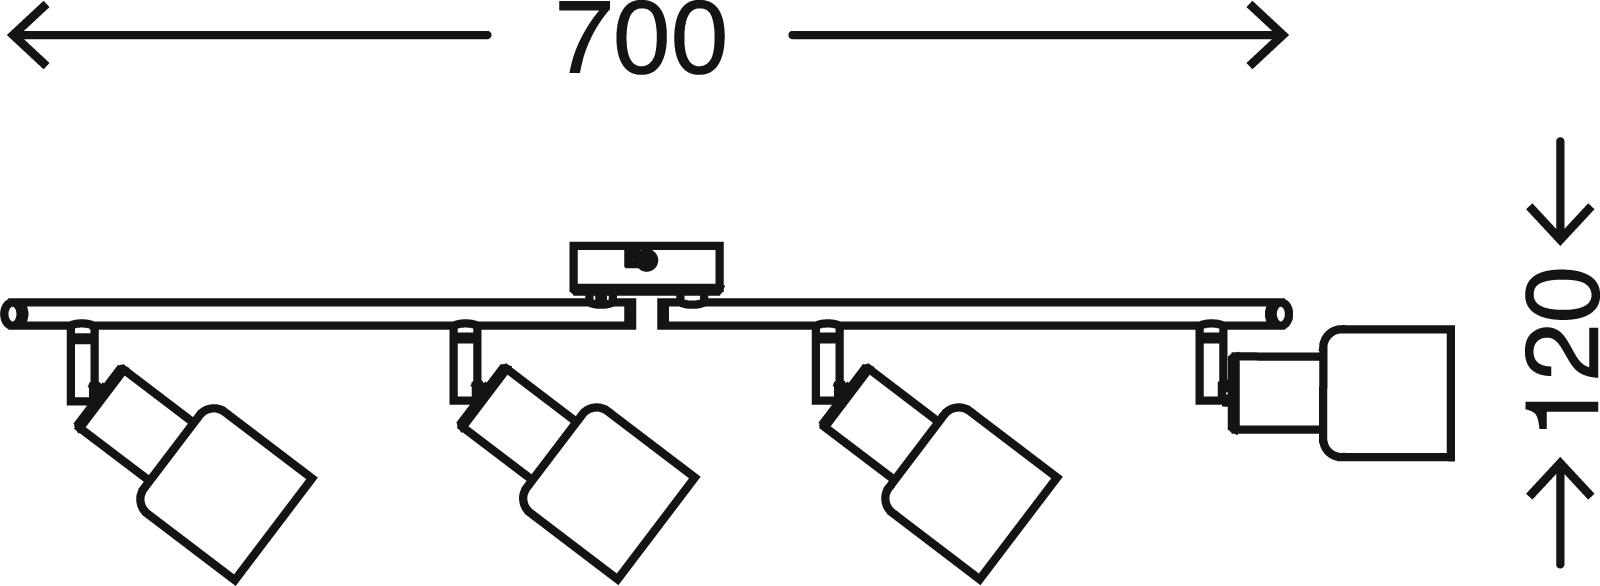 Spot Deckenleuchte, 70 cm, max. 5,5 W, Matt-Nickel-Weiß